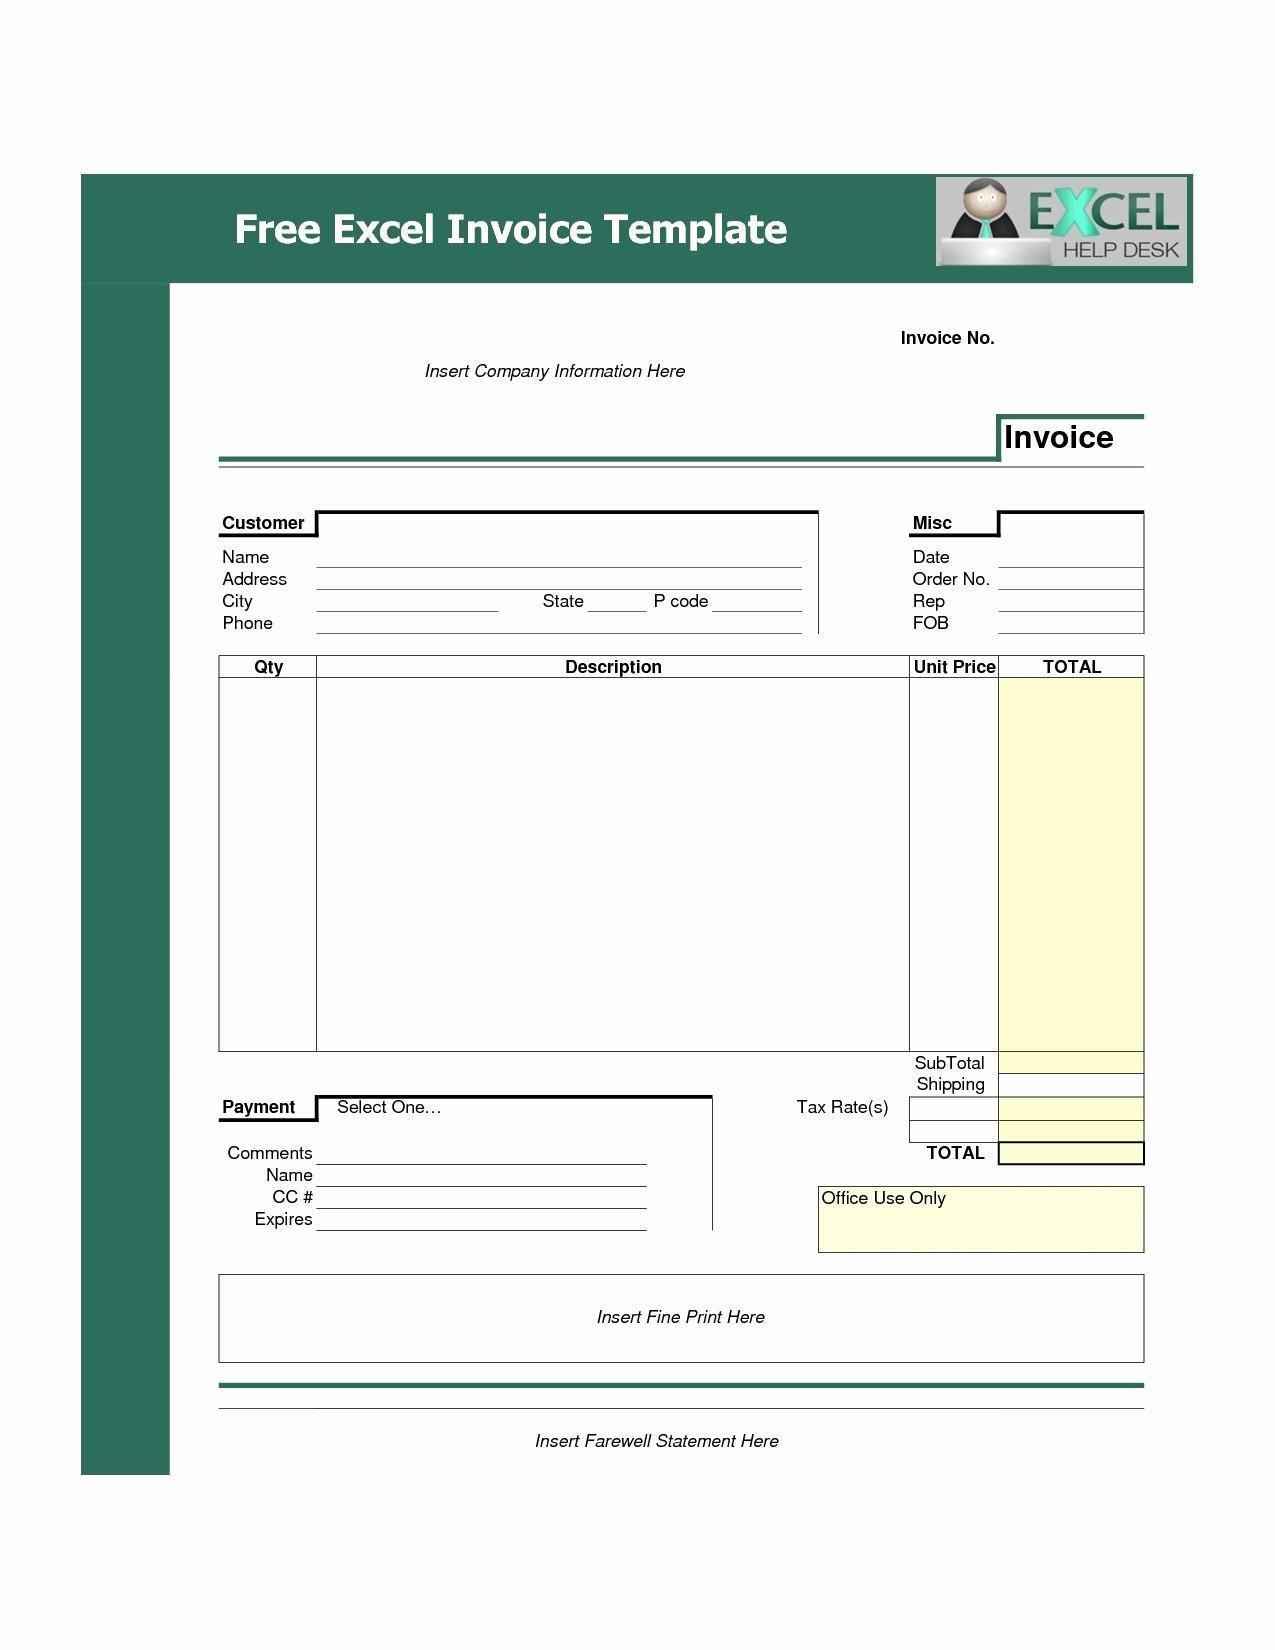 Create Invoice Template In Excel Unique Invoice Template for Excel 2007 Invoice Template Ideas